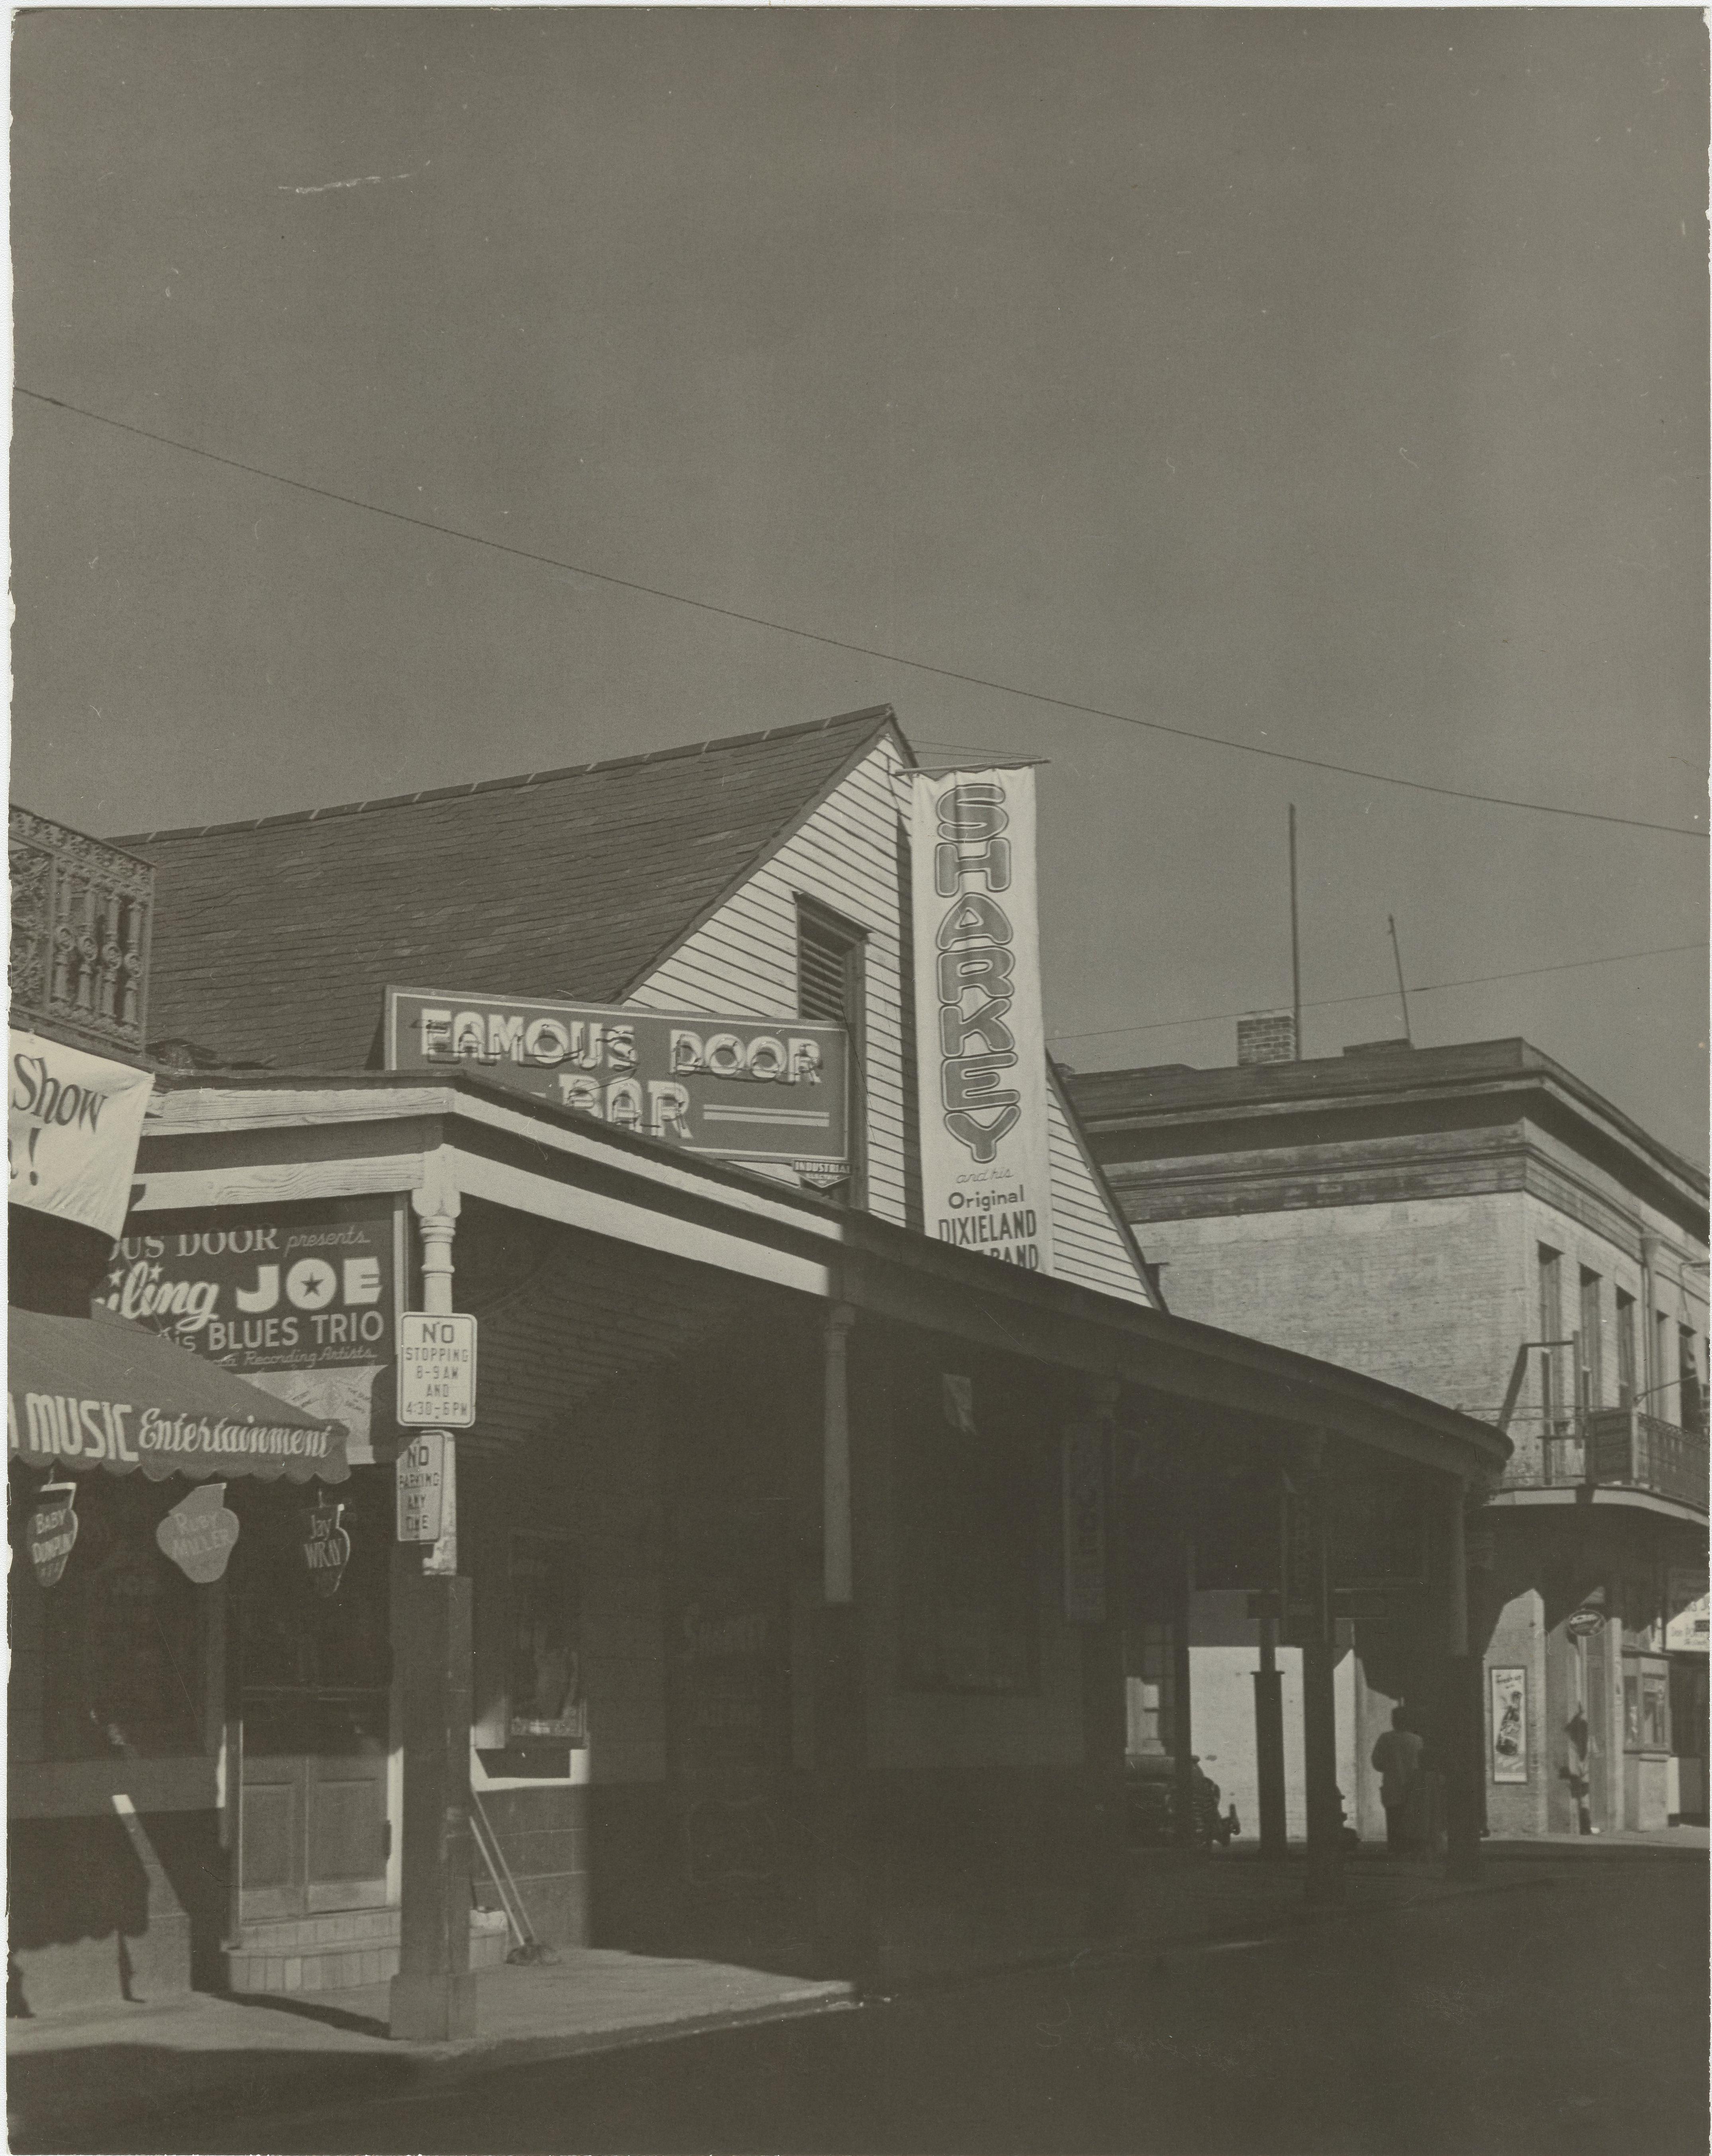 Exterior of Famous Door Bar in 1949. & Famous Door - New Orleans Music Map